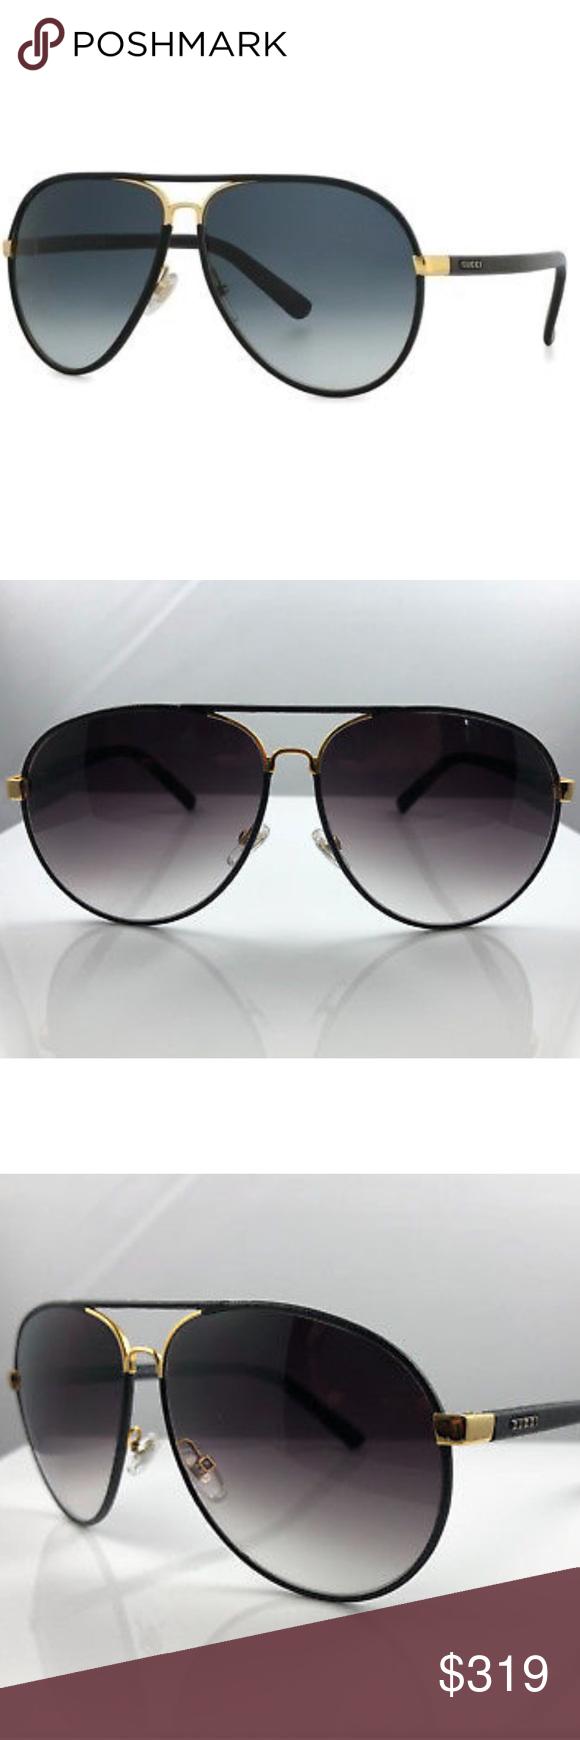 c126a8cf865 Gucci GG2887 S Sunglasses 🕶 New! 🆕 Gucci Accessories Sunglasses ...